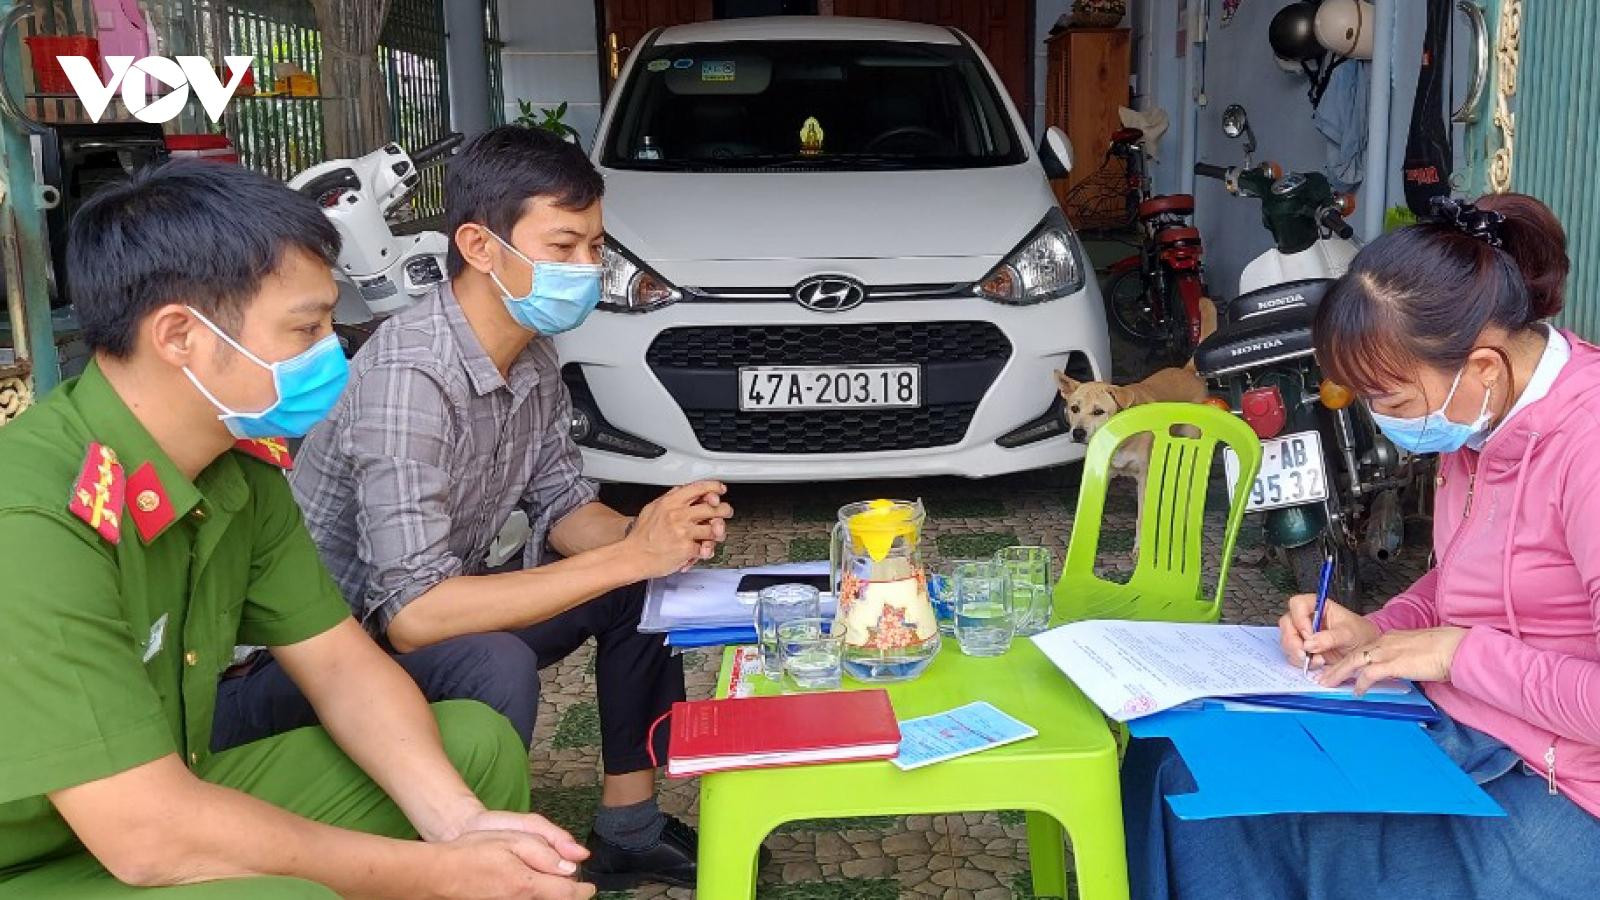 Trường hợp đầu tiên ởĐắk Lắk bị xử phạt vì không chấp hành quy định cách ly tại nhà